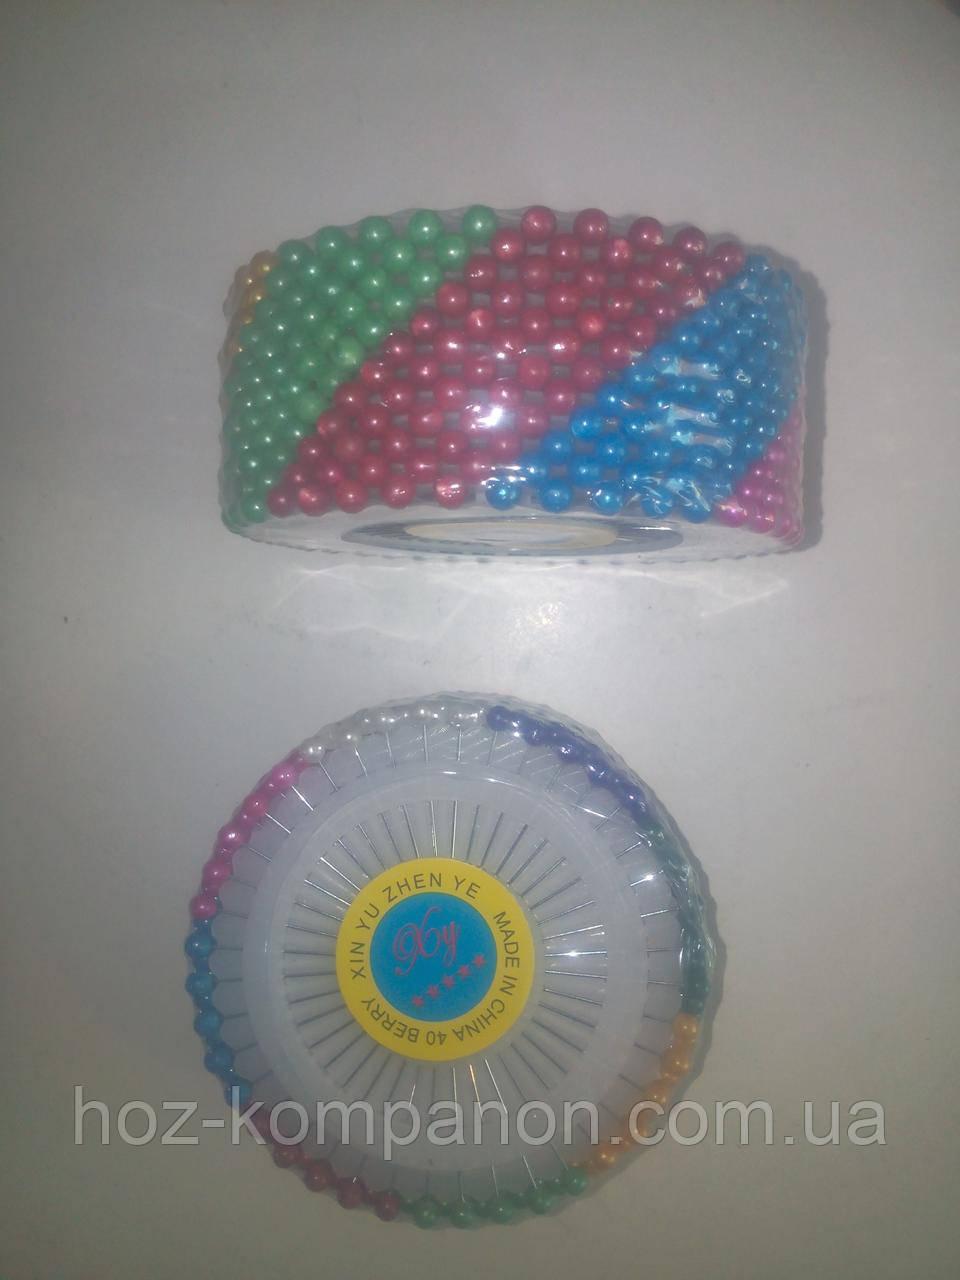 Булавки швейные с шариком